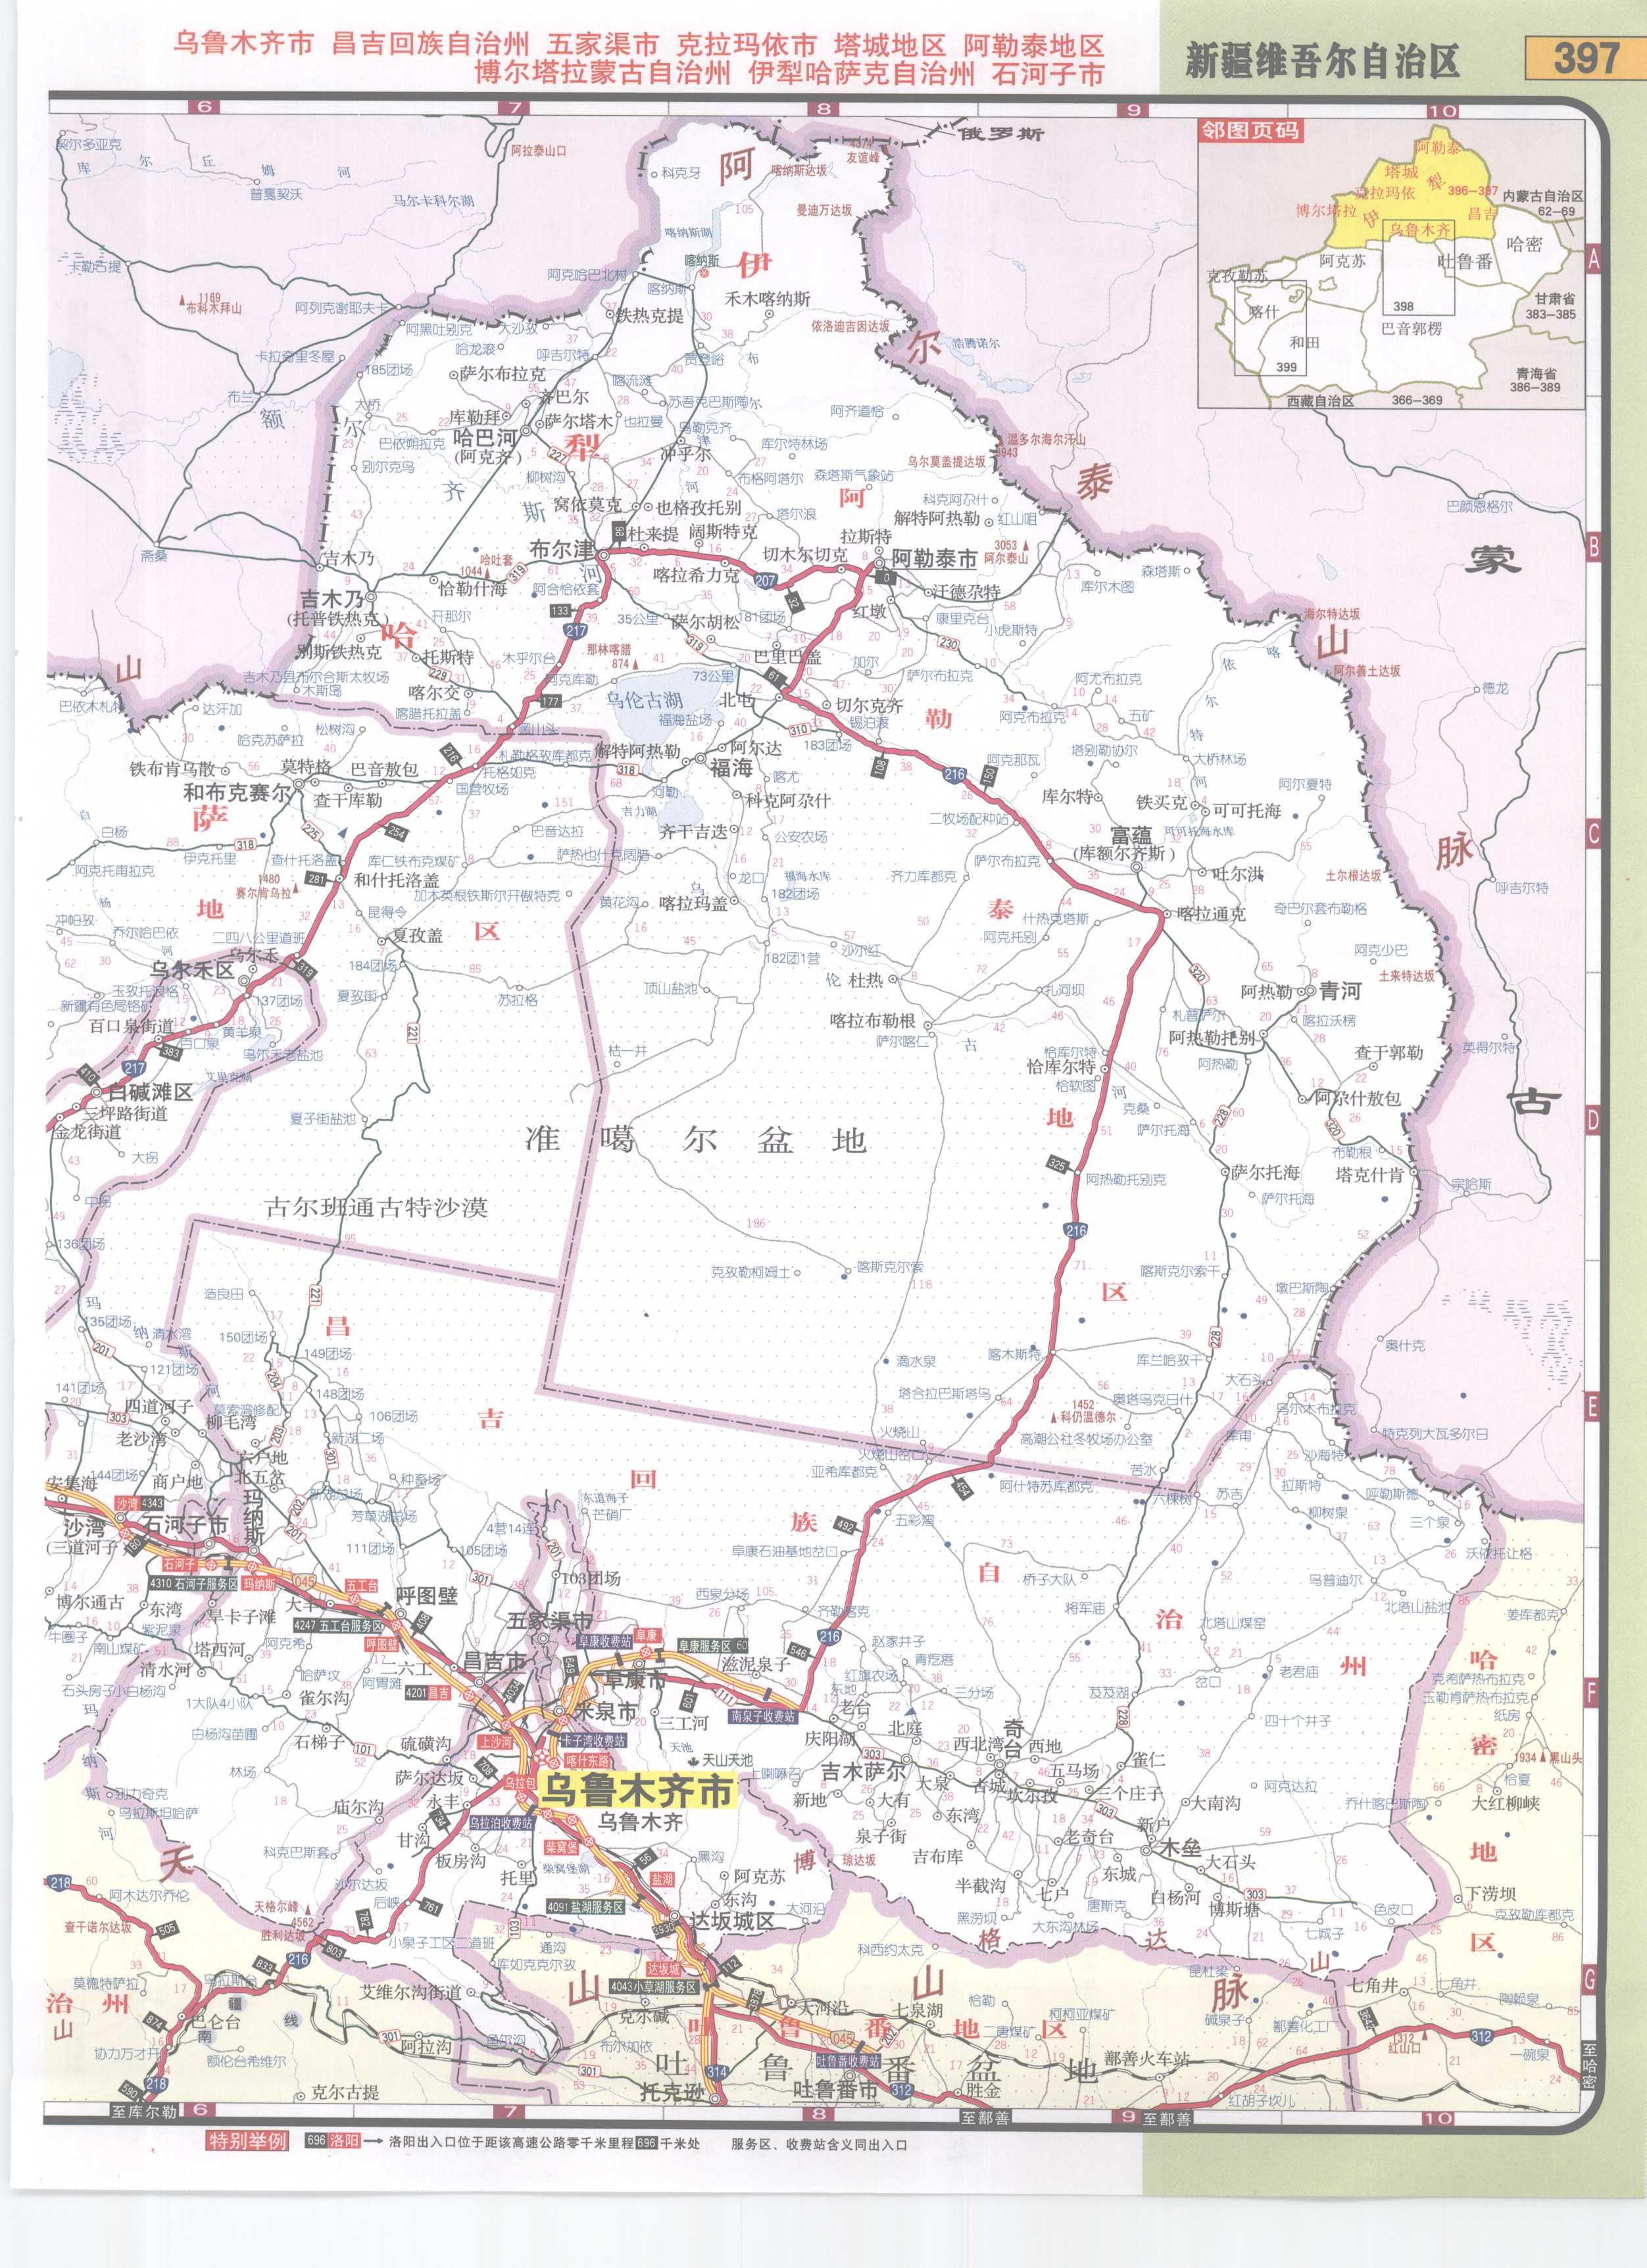 交通地图 高速公路网